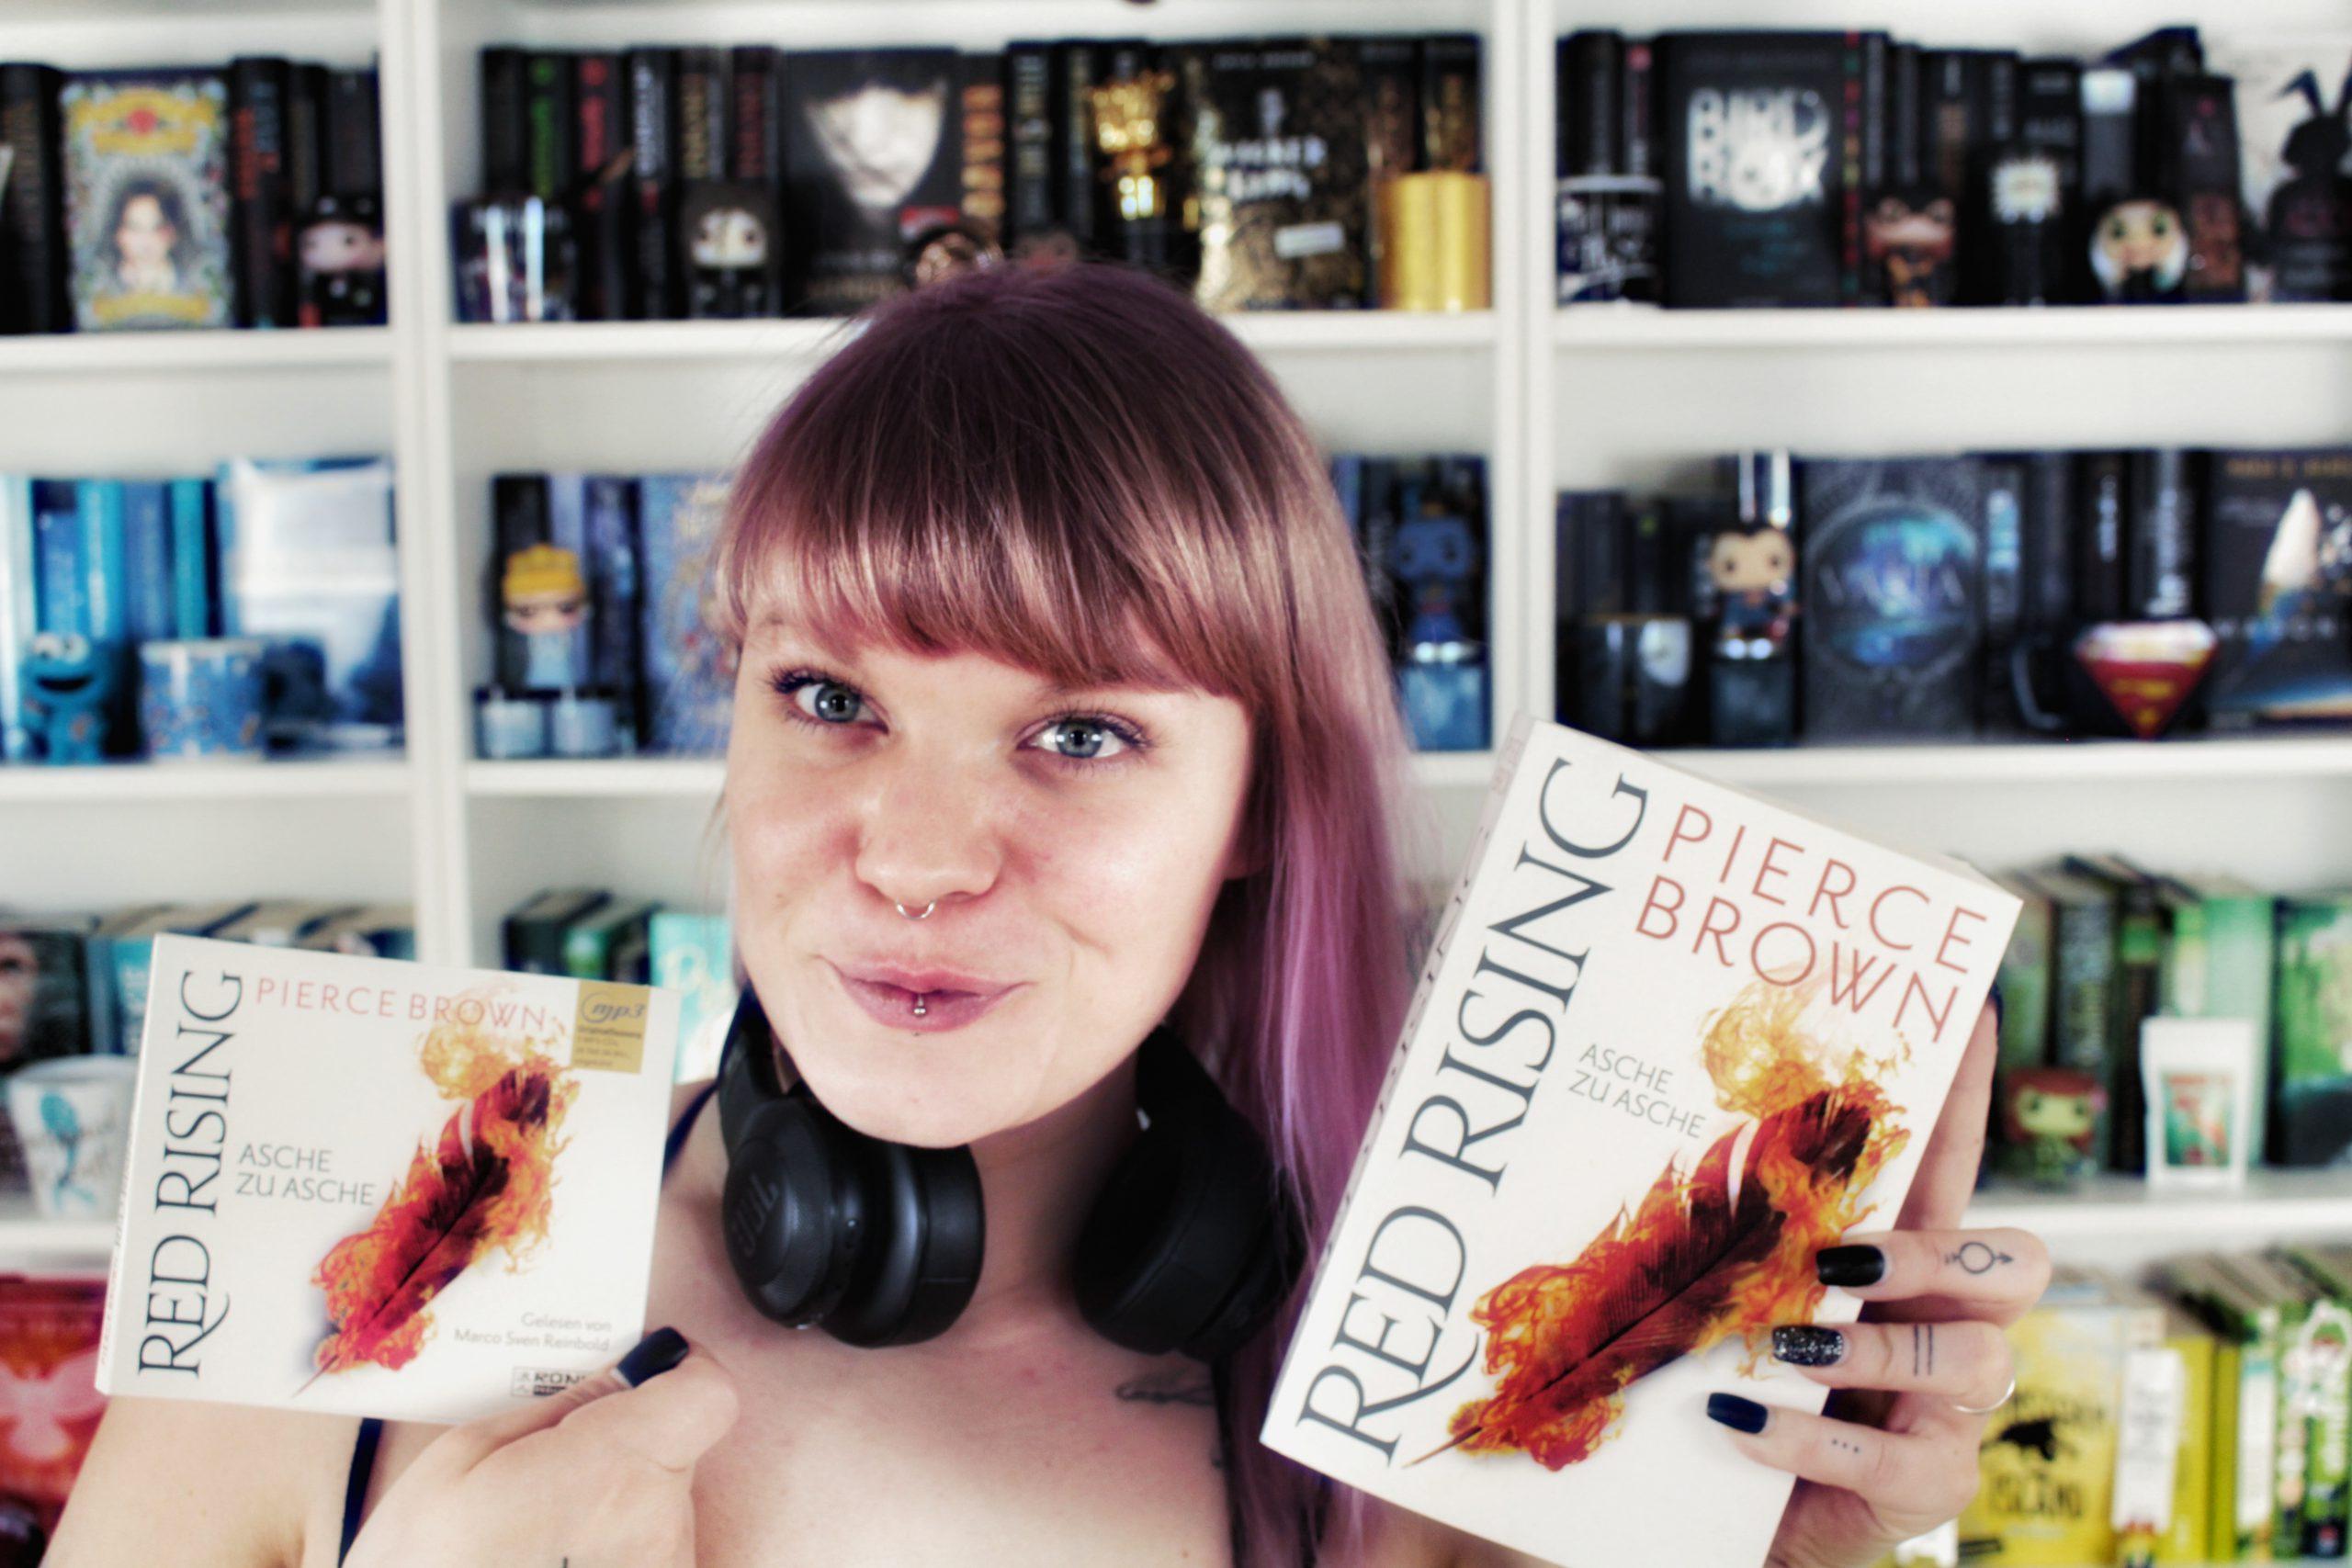 Red Rising – Asche zu Asche von Pierce Brown – Eine Fortsetzung, die sich lohnt?